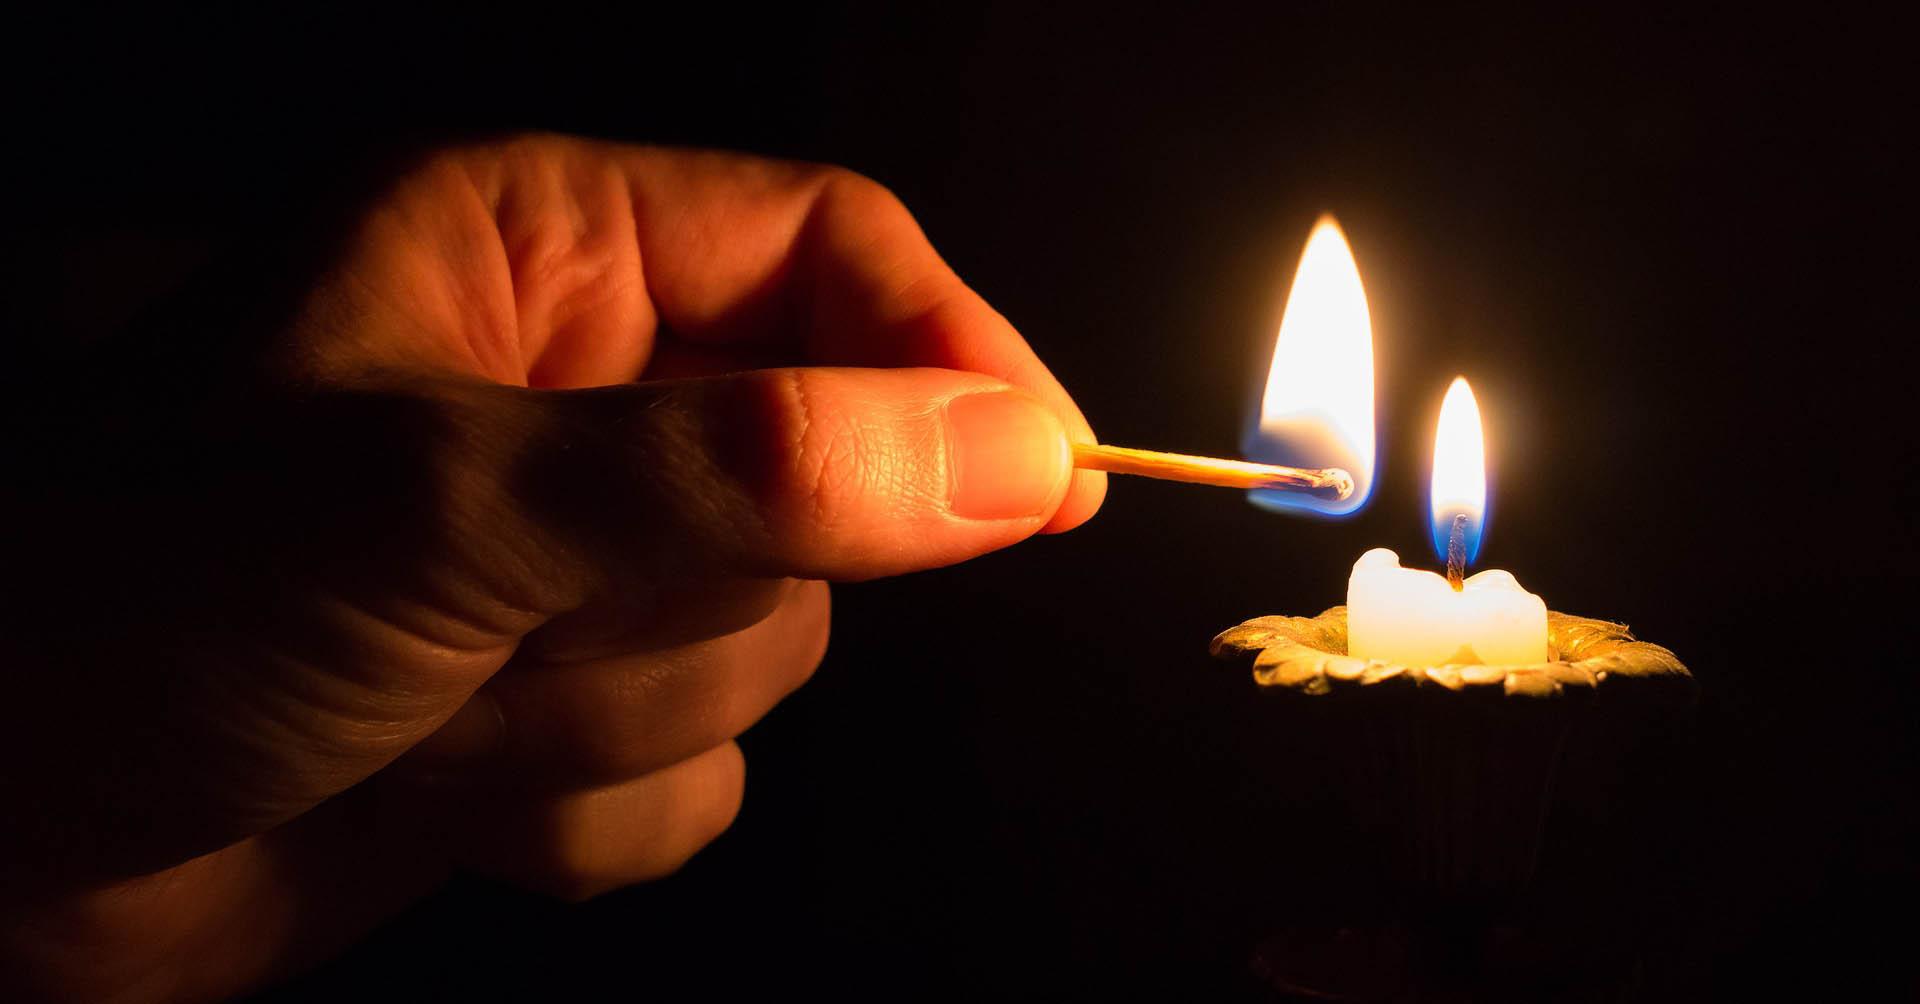 Die Kerze am Fenster. Mein Weg zu Selbstliebe und in ein erfülltes Leben